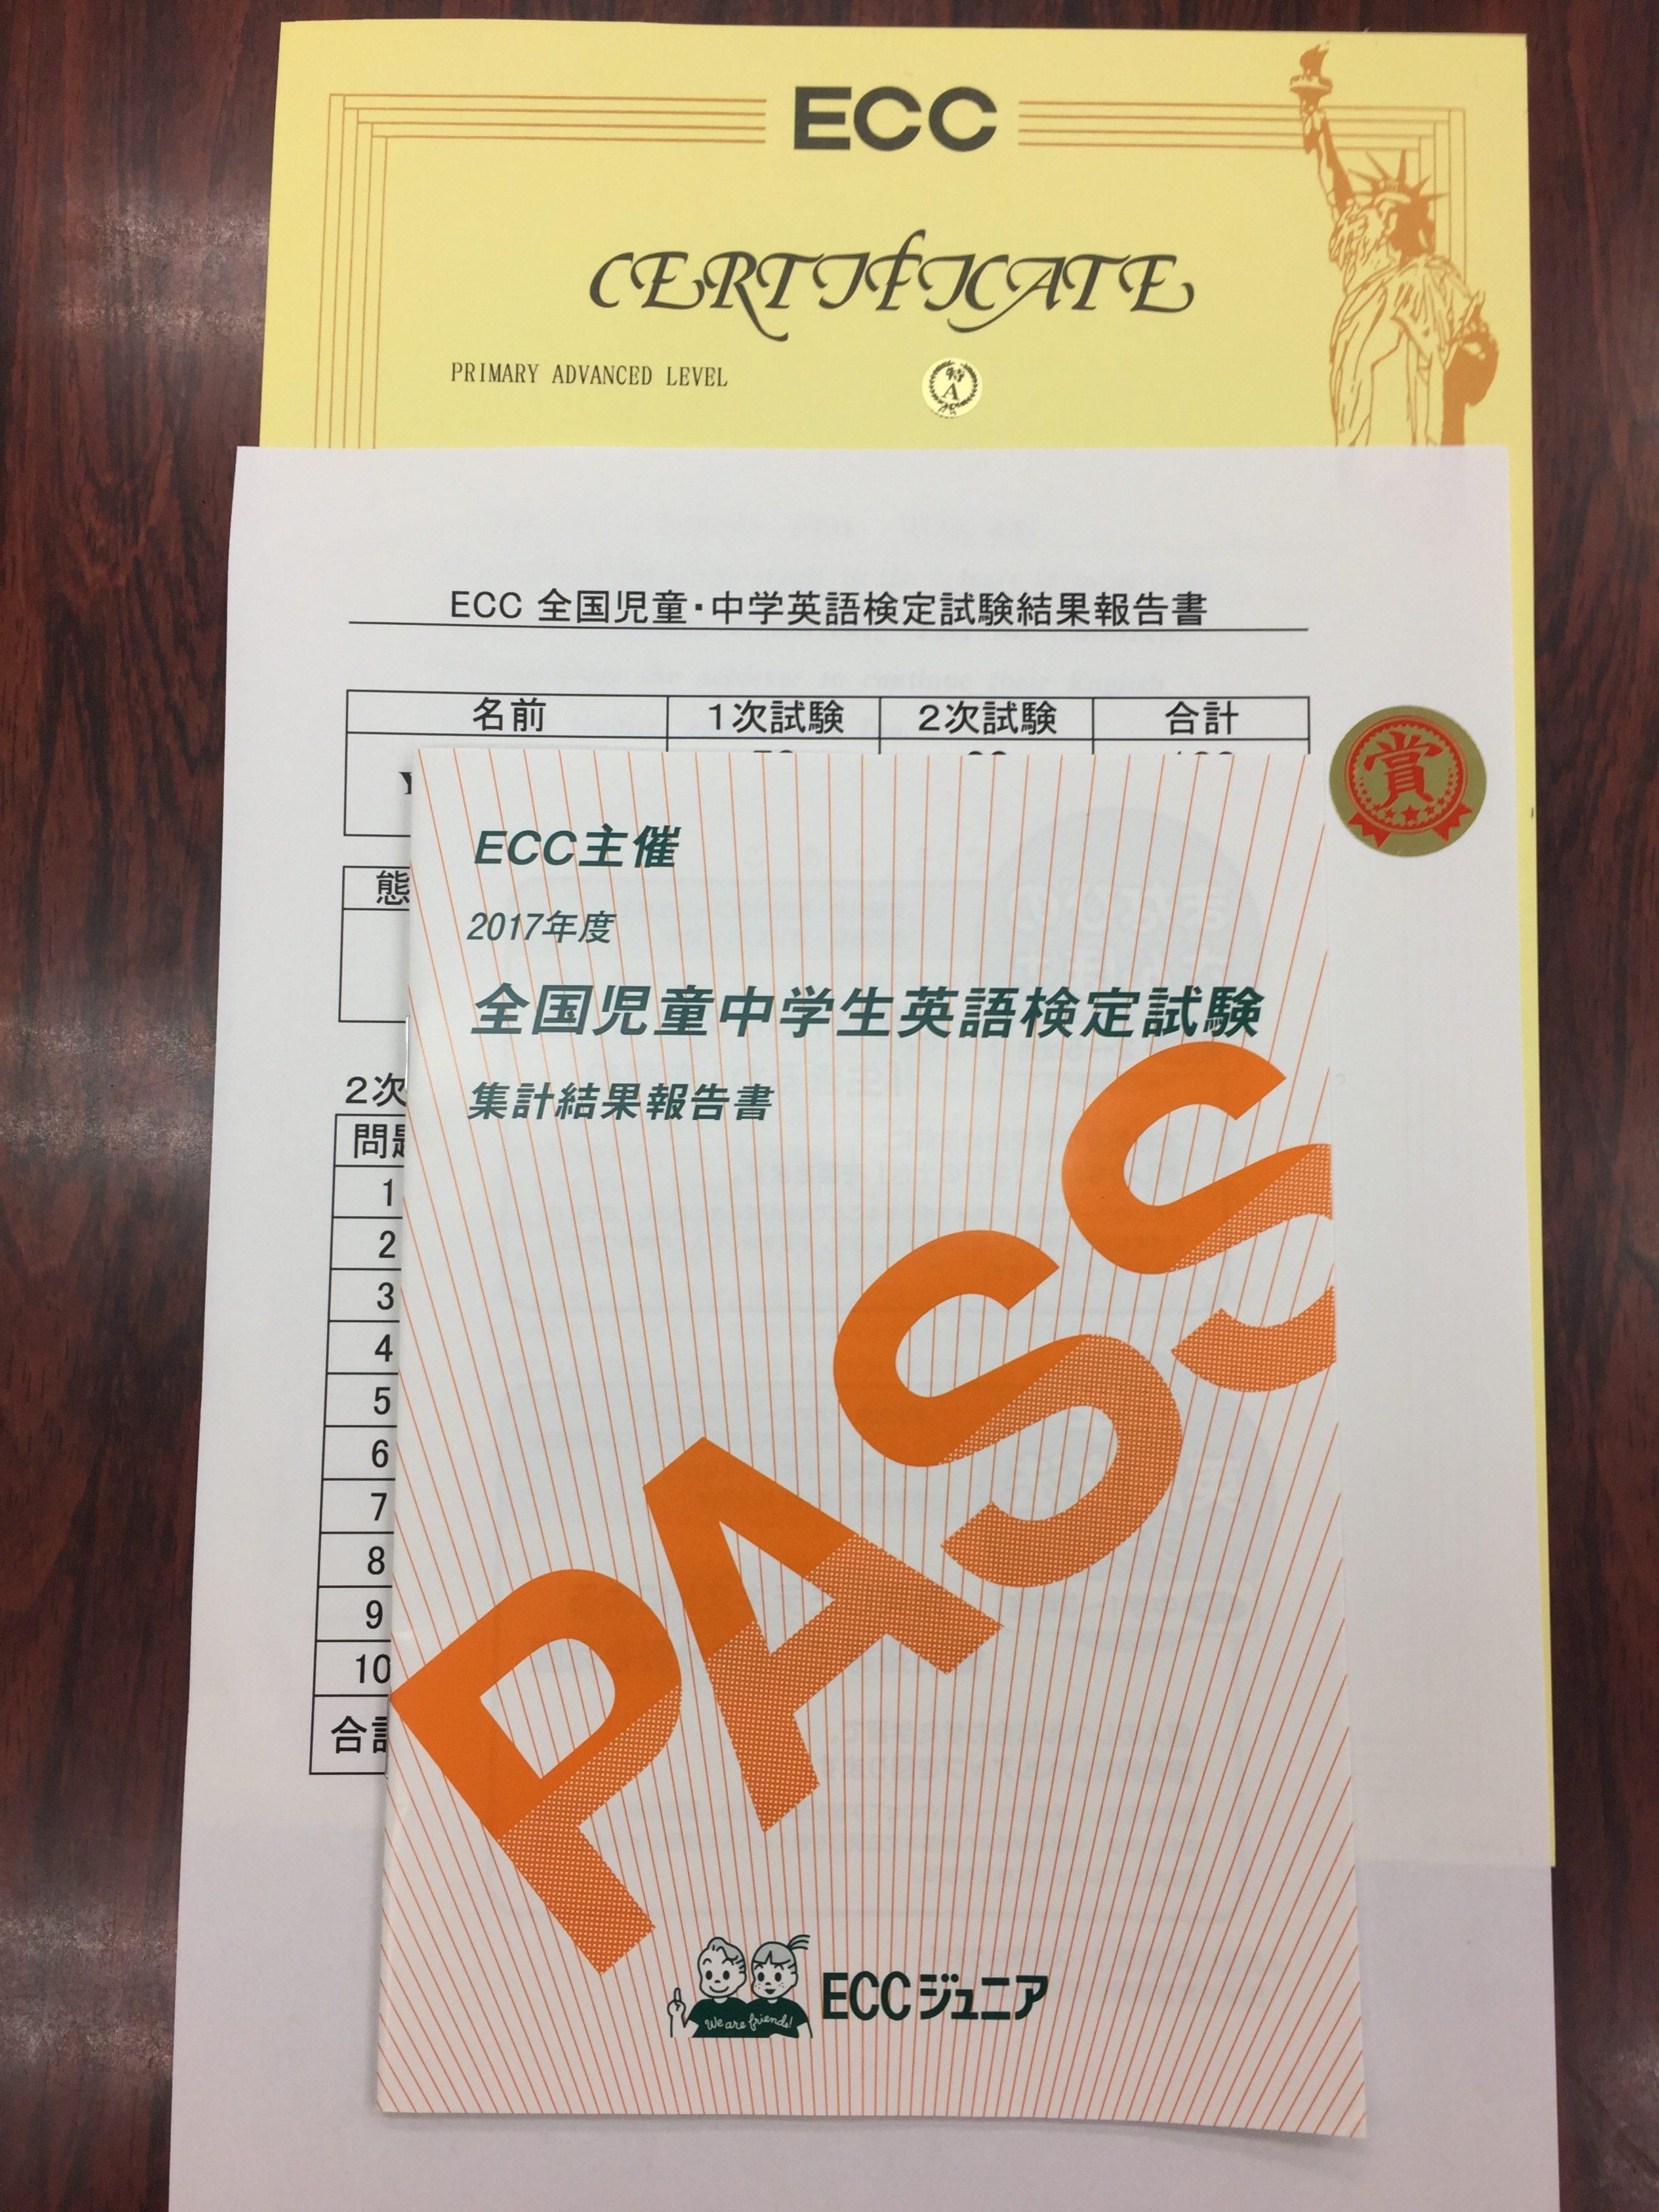 ECC全国児童・中学英語検定試験結果】 | 英語で叶える君の世界